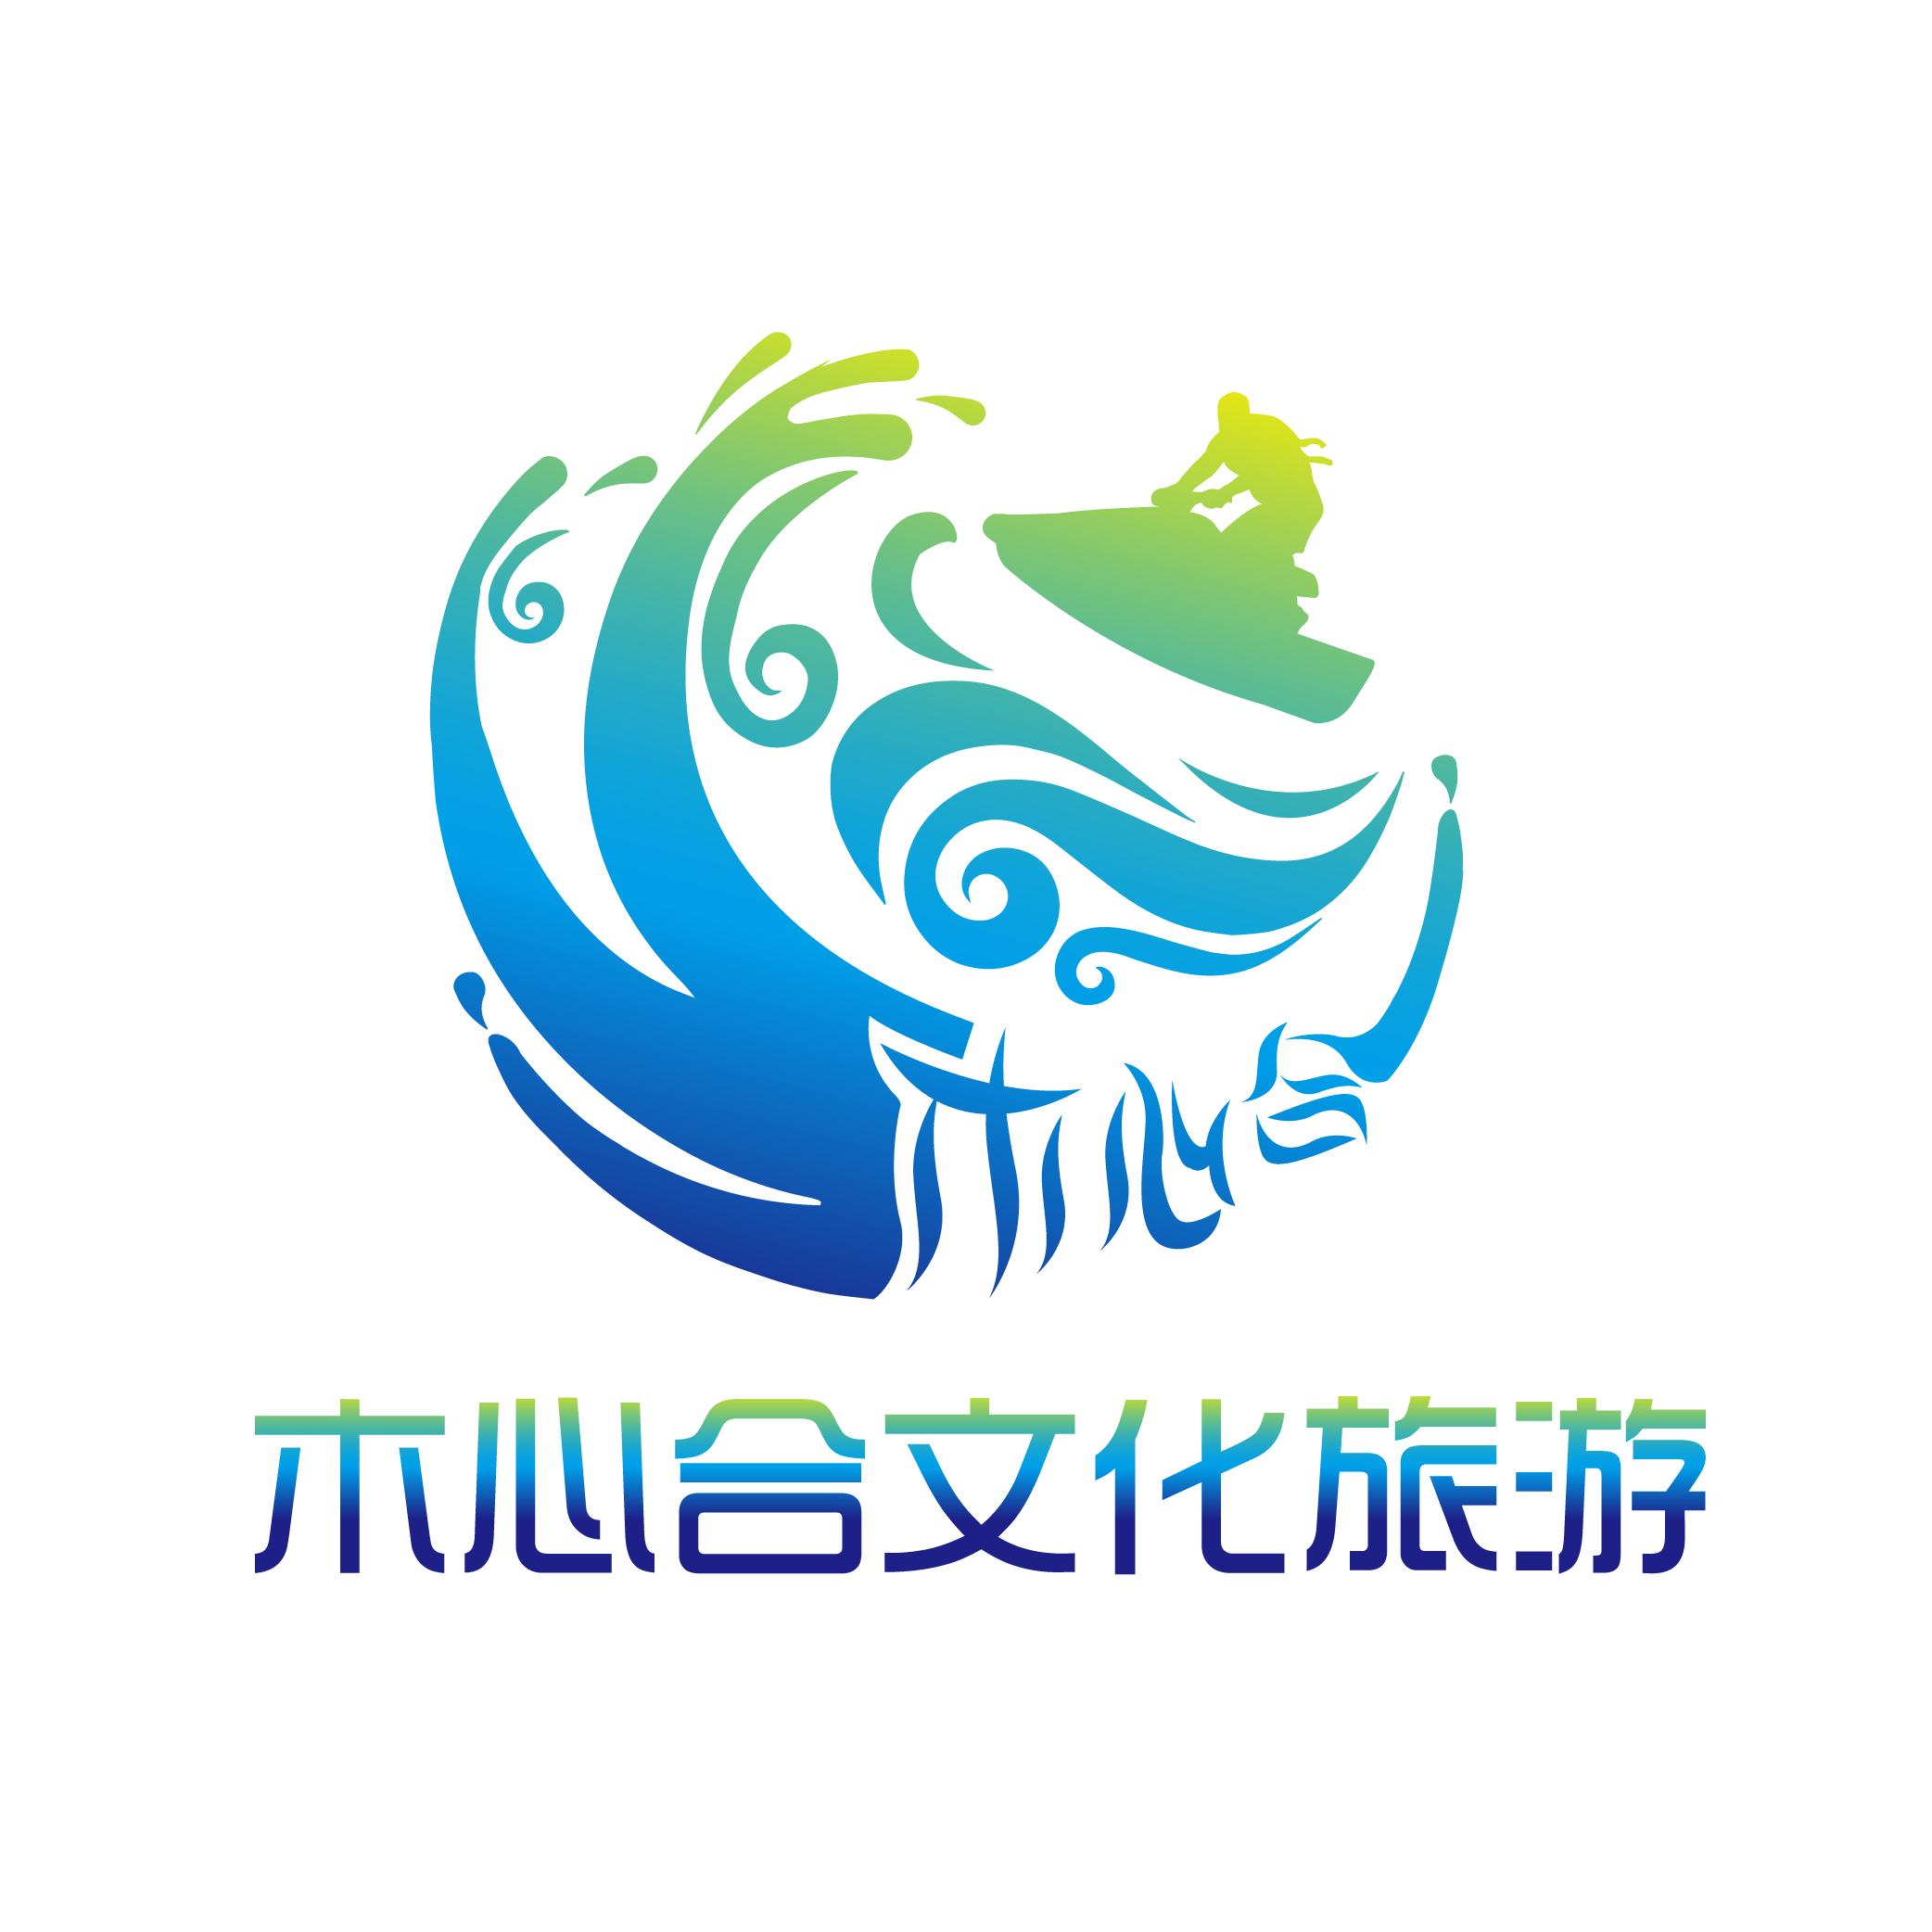 温州市洞头木心合文化旅游发展有限公司